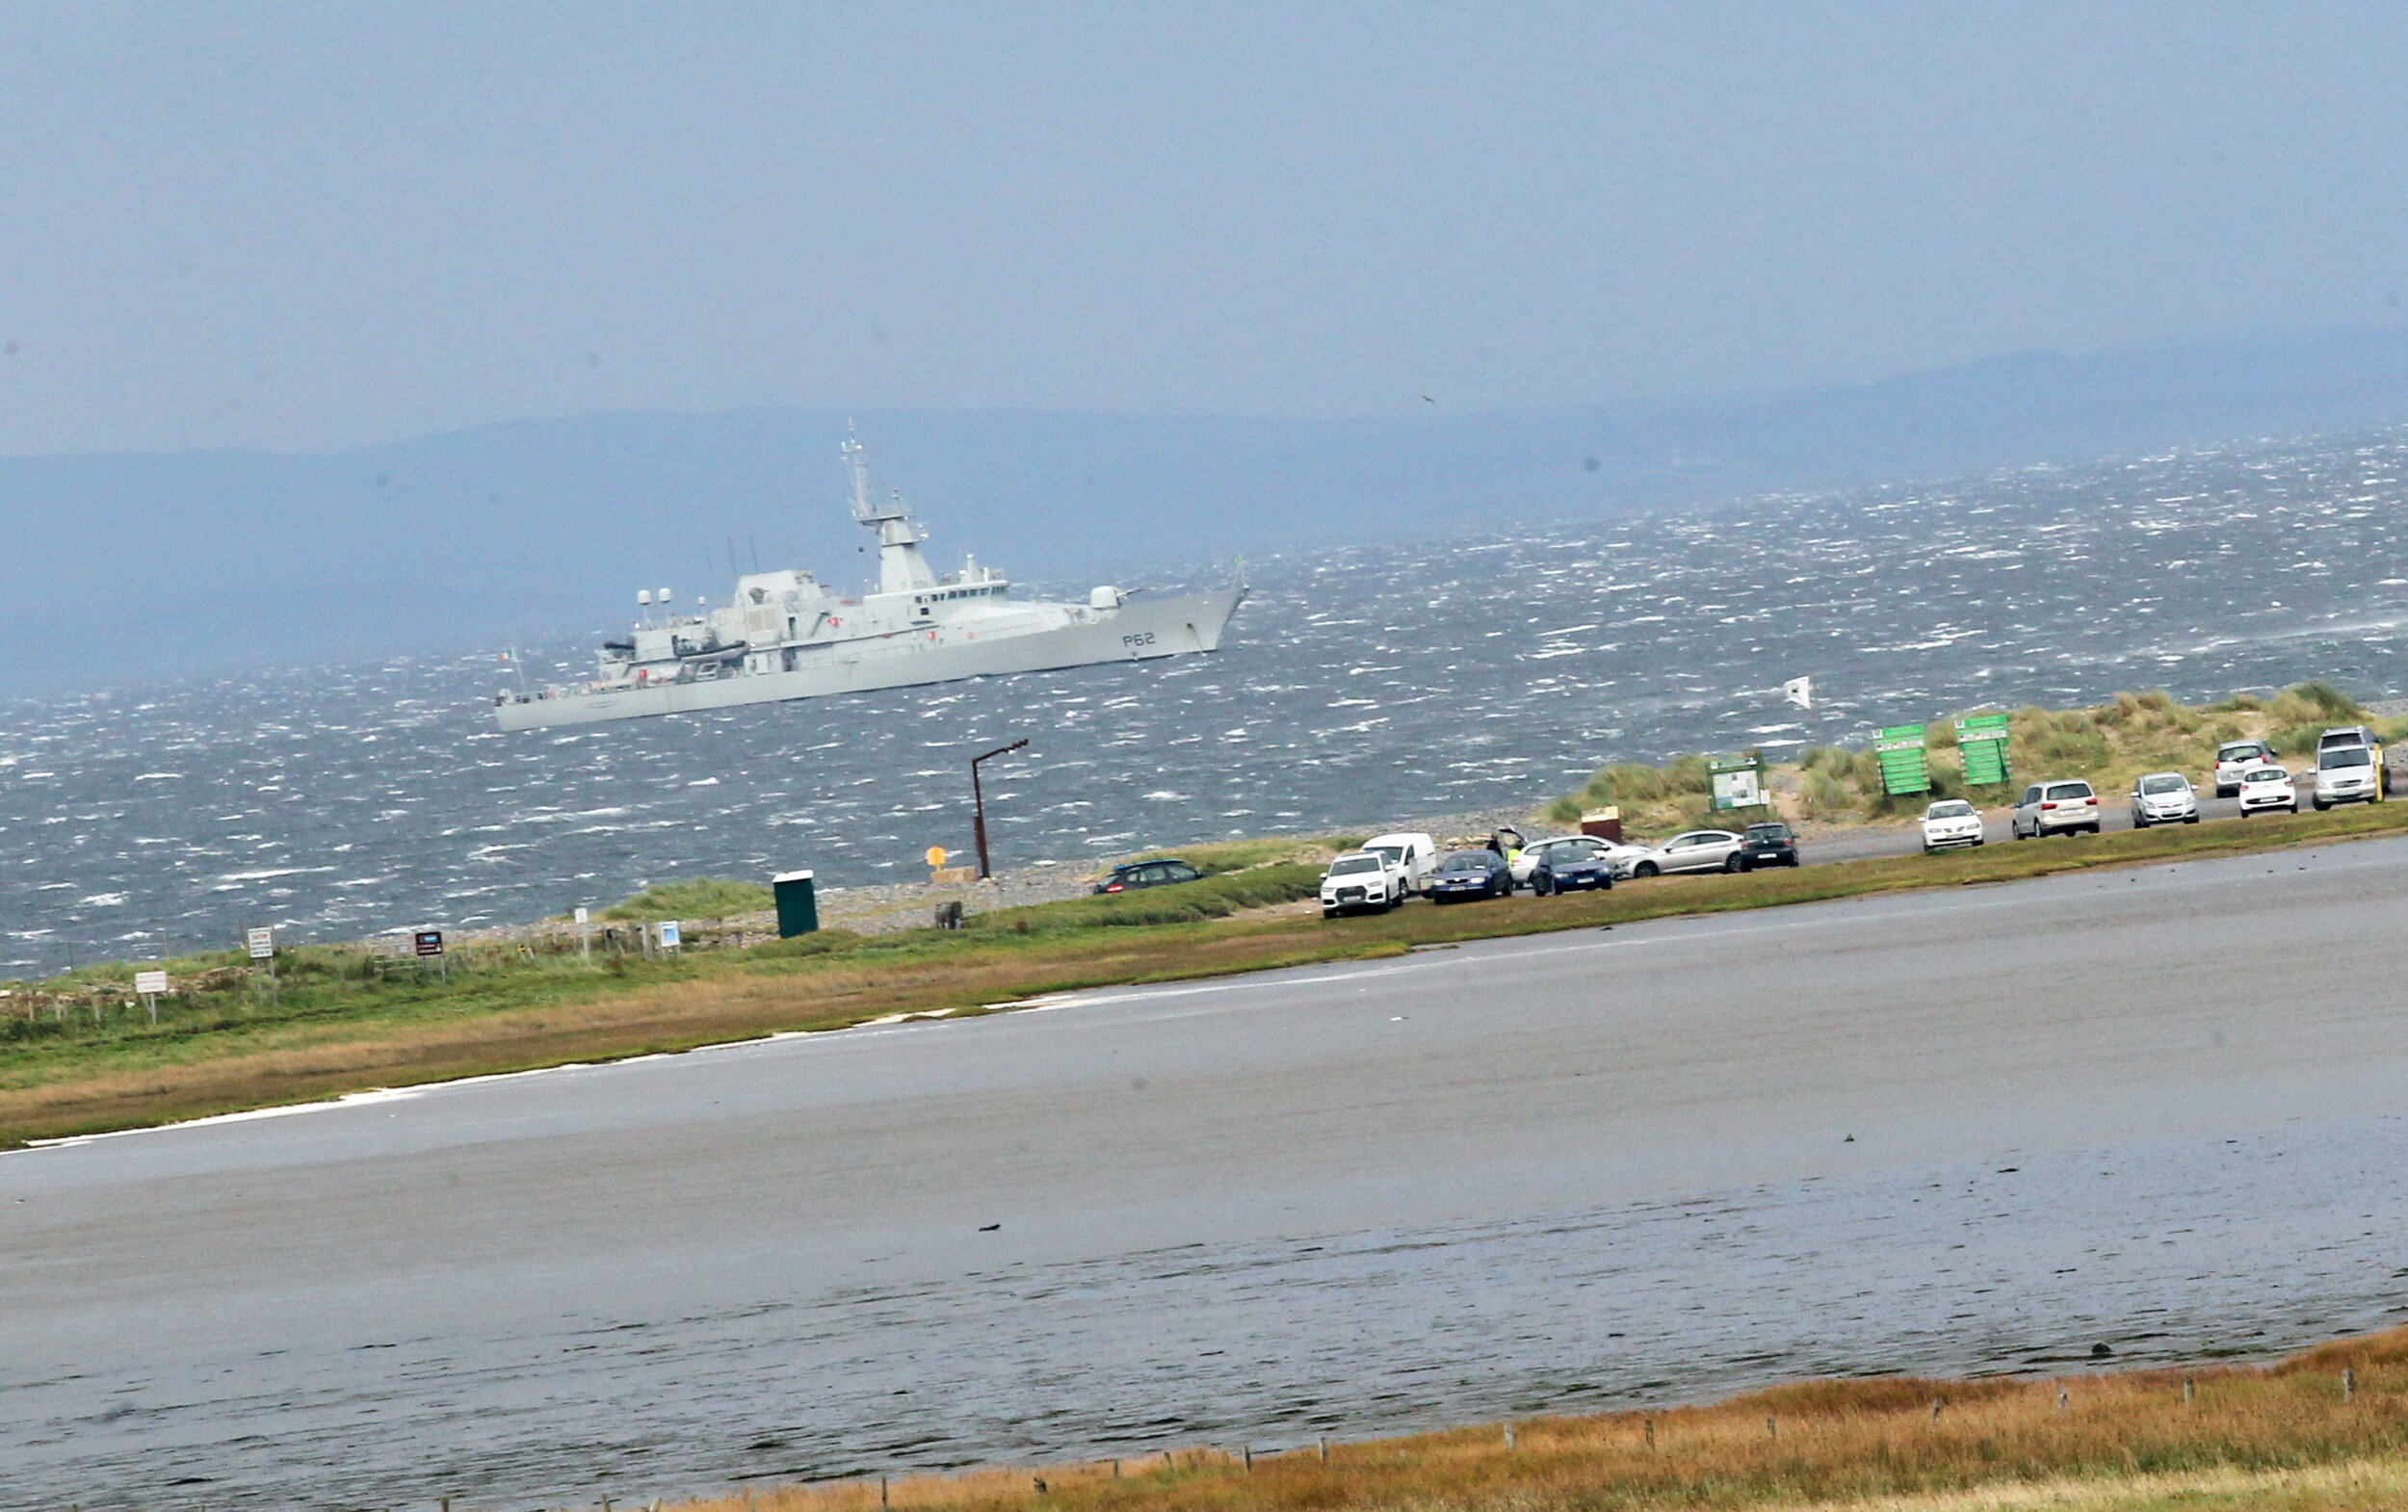 Naval vessels in Sligo Bay - photo Charlie Brady